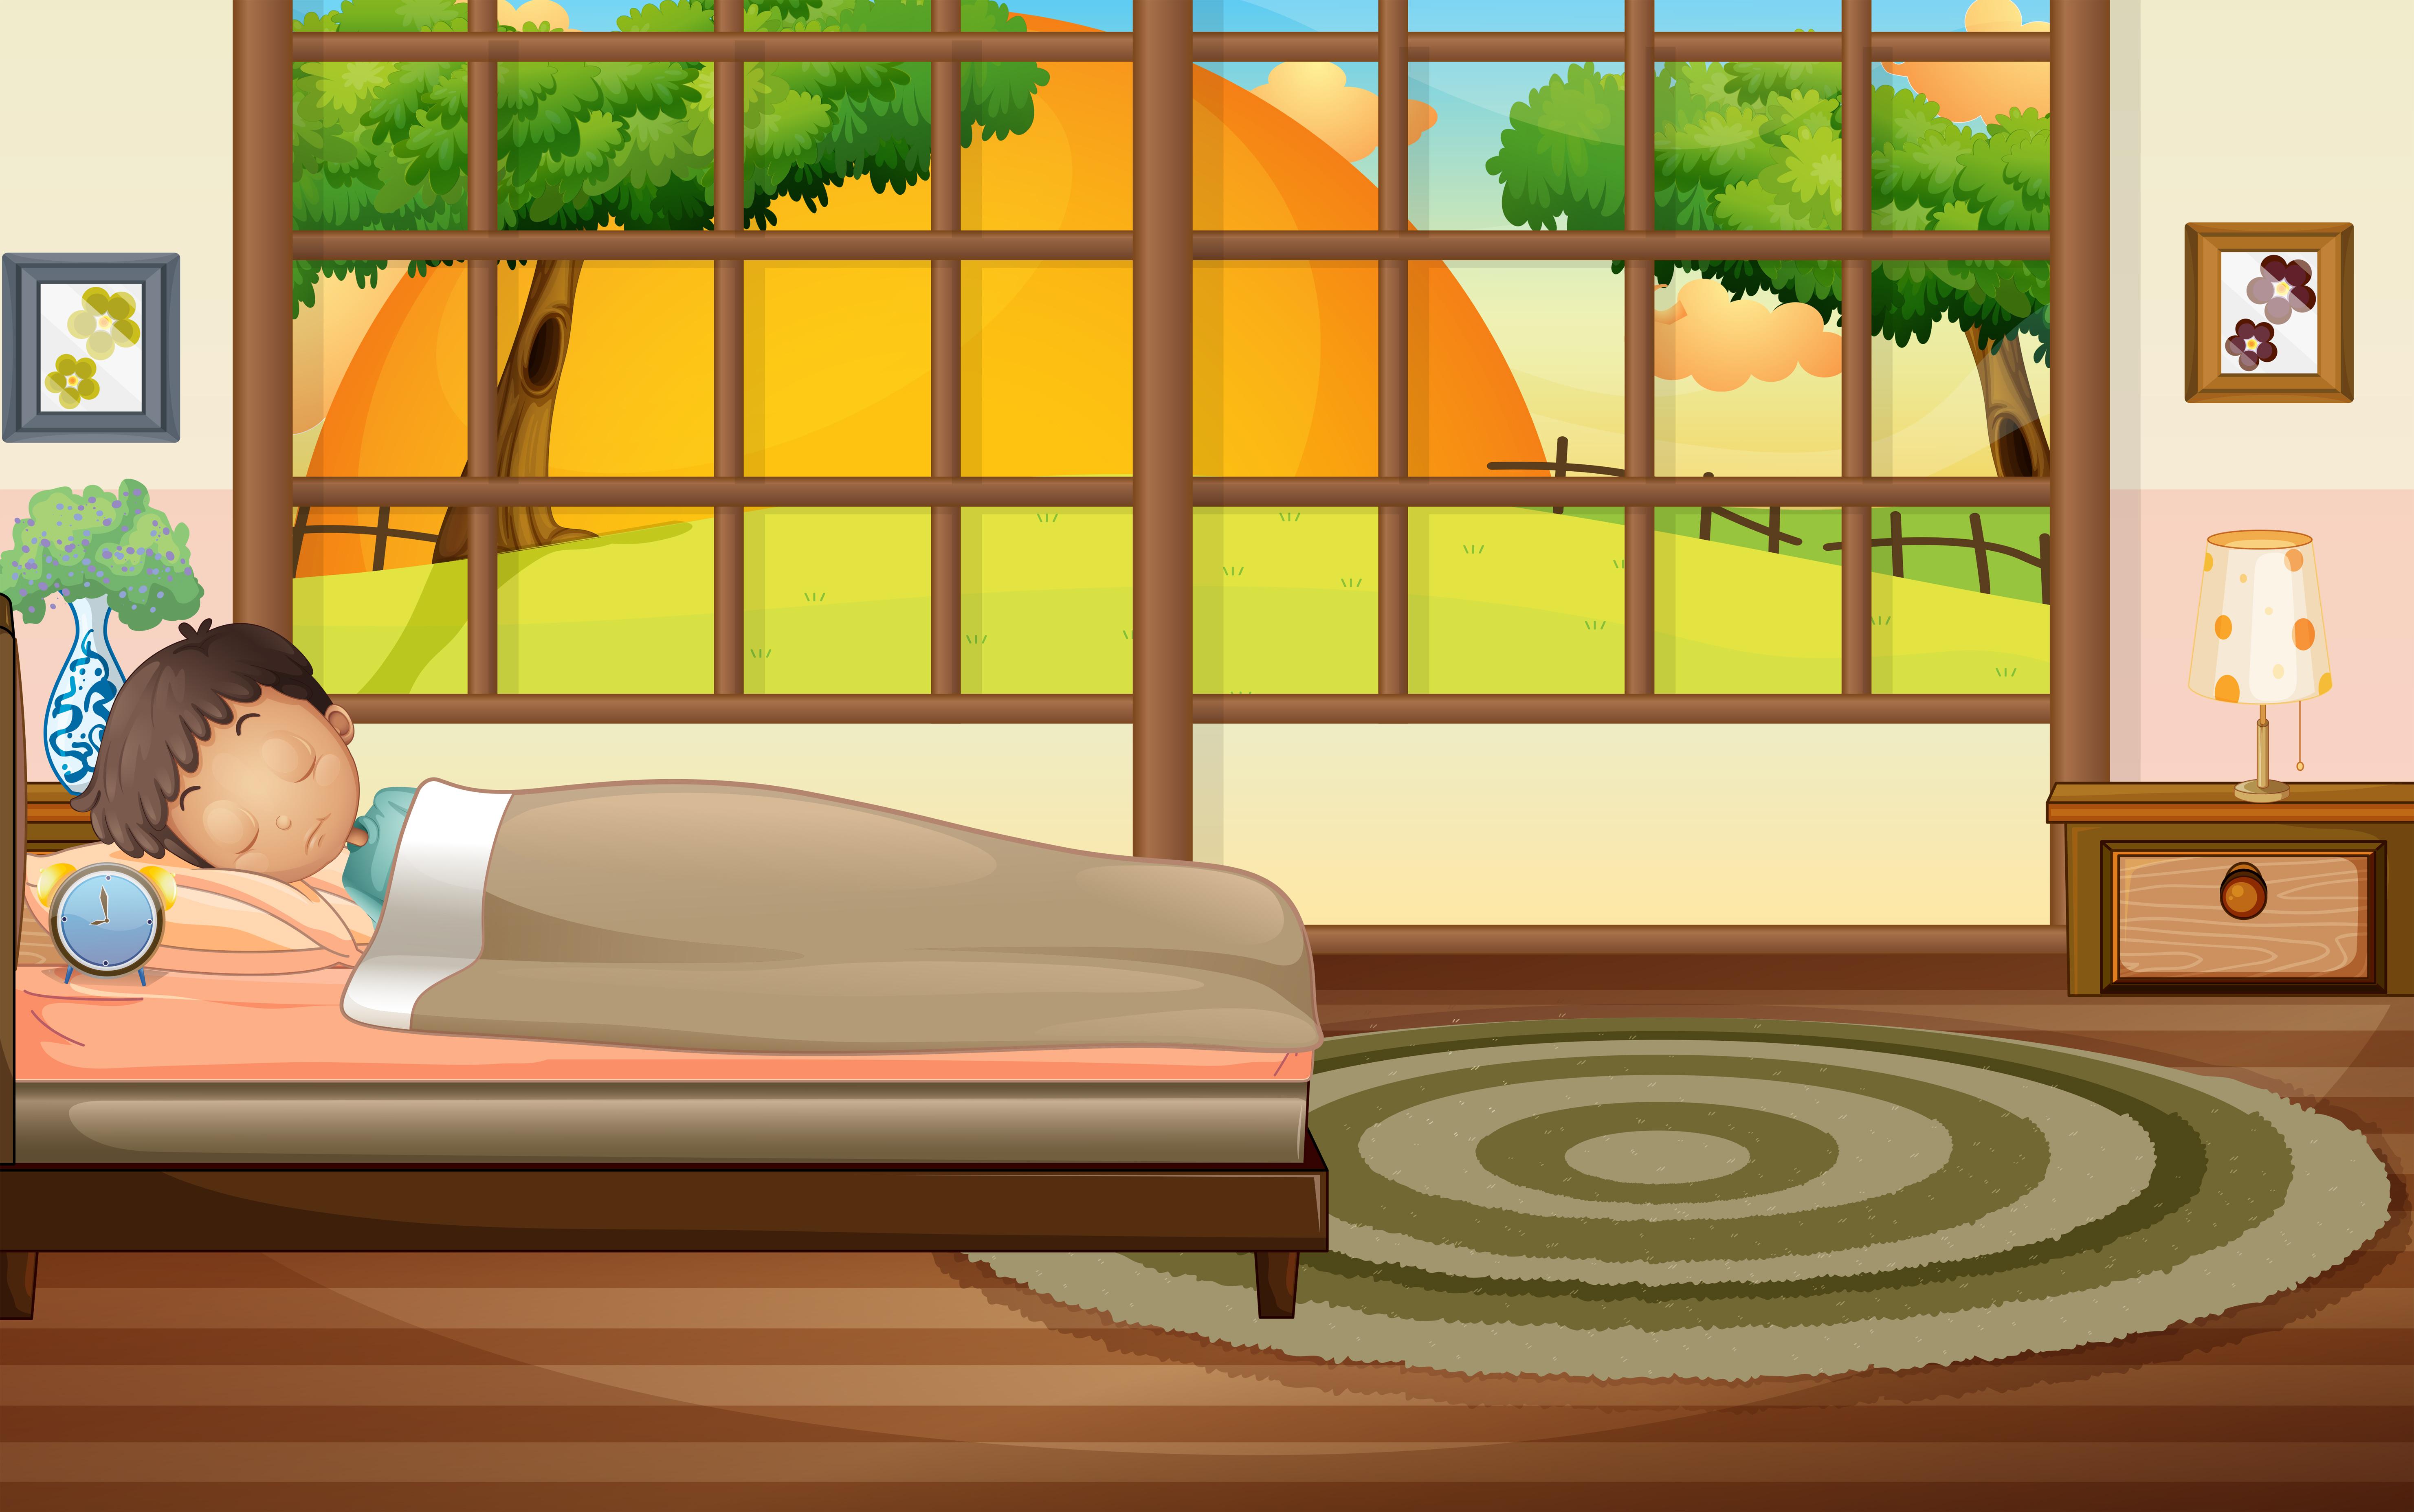 Boy sleeping in bedroom - Download Free Vectors, Clipart